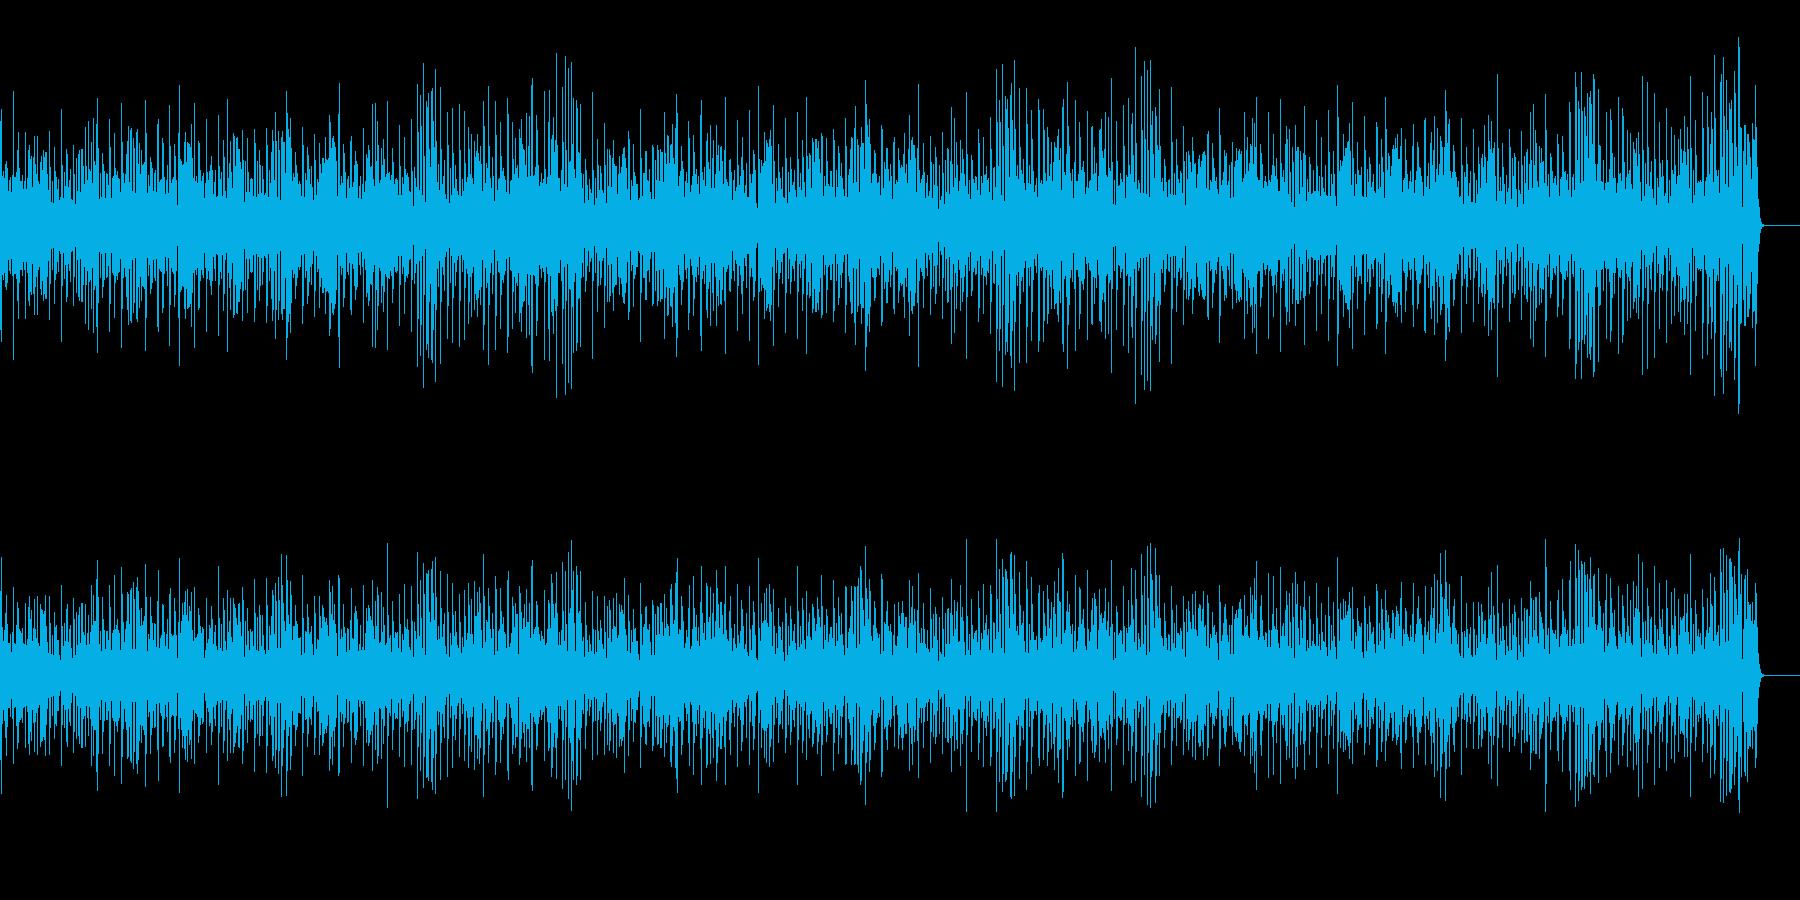 軽快でノリのいいBGM向けジャズの再生済みの波形